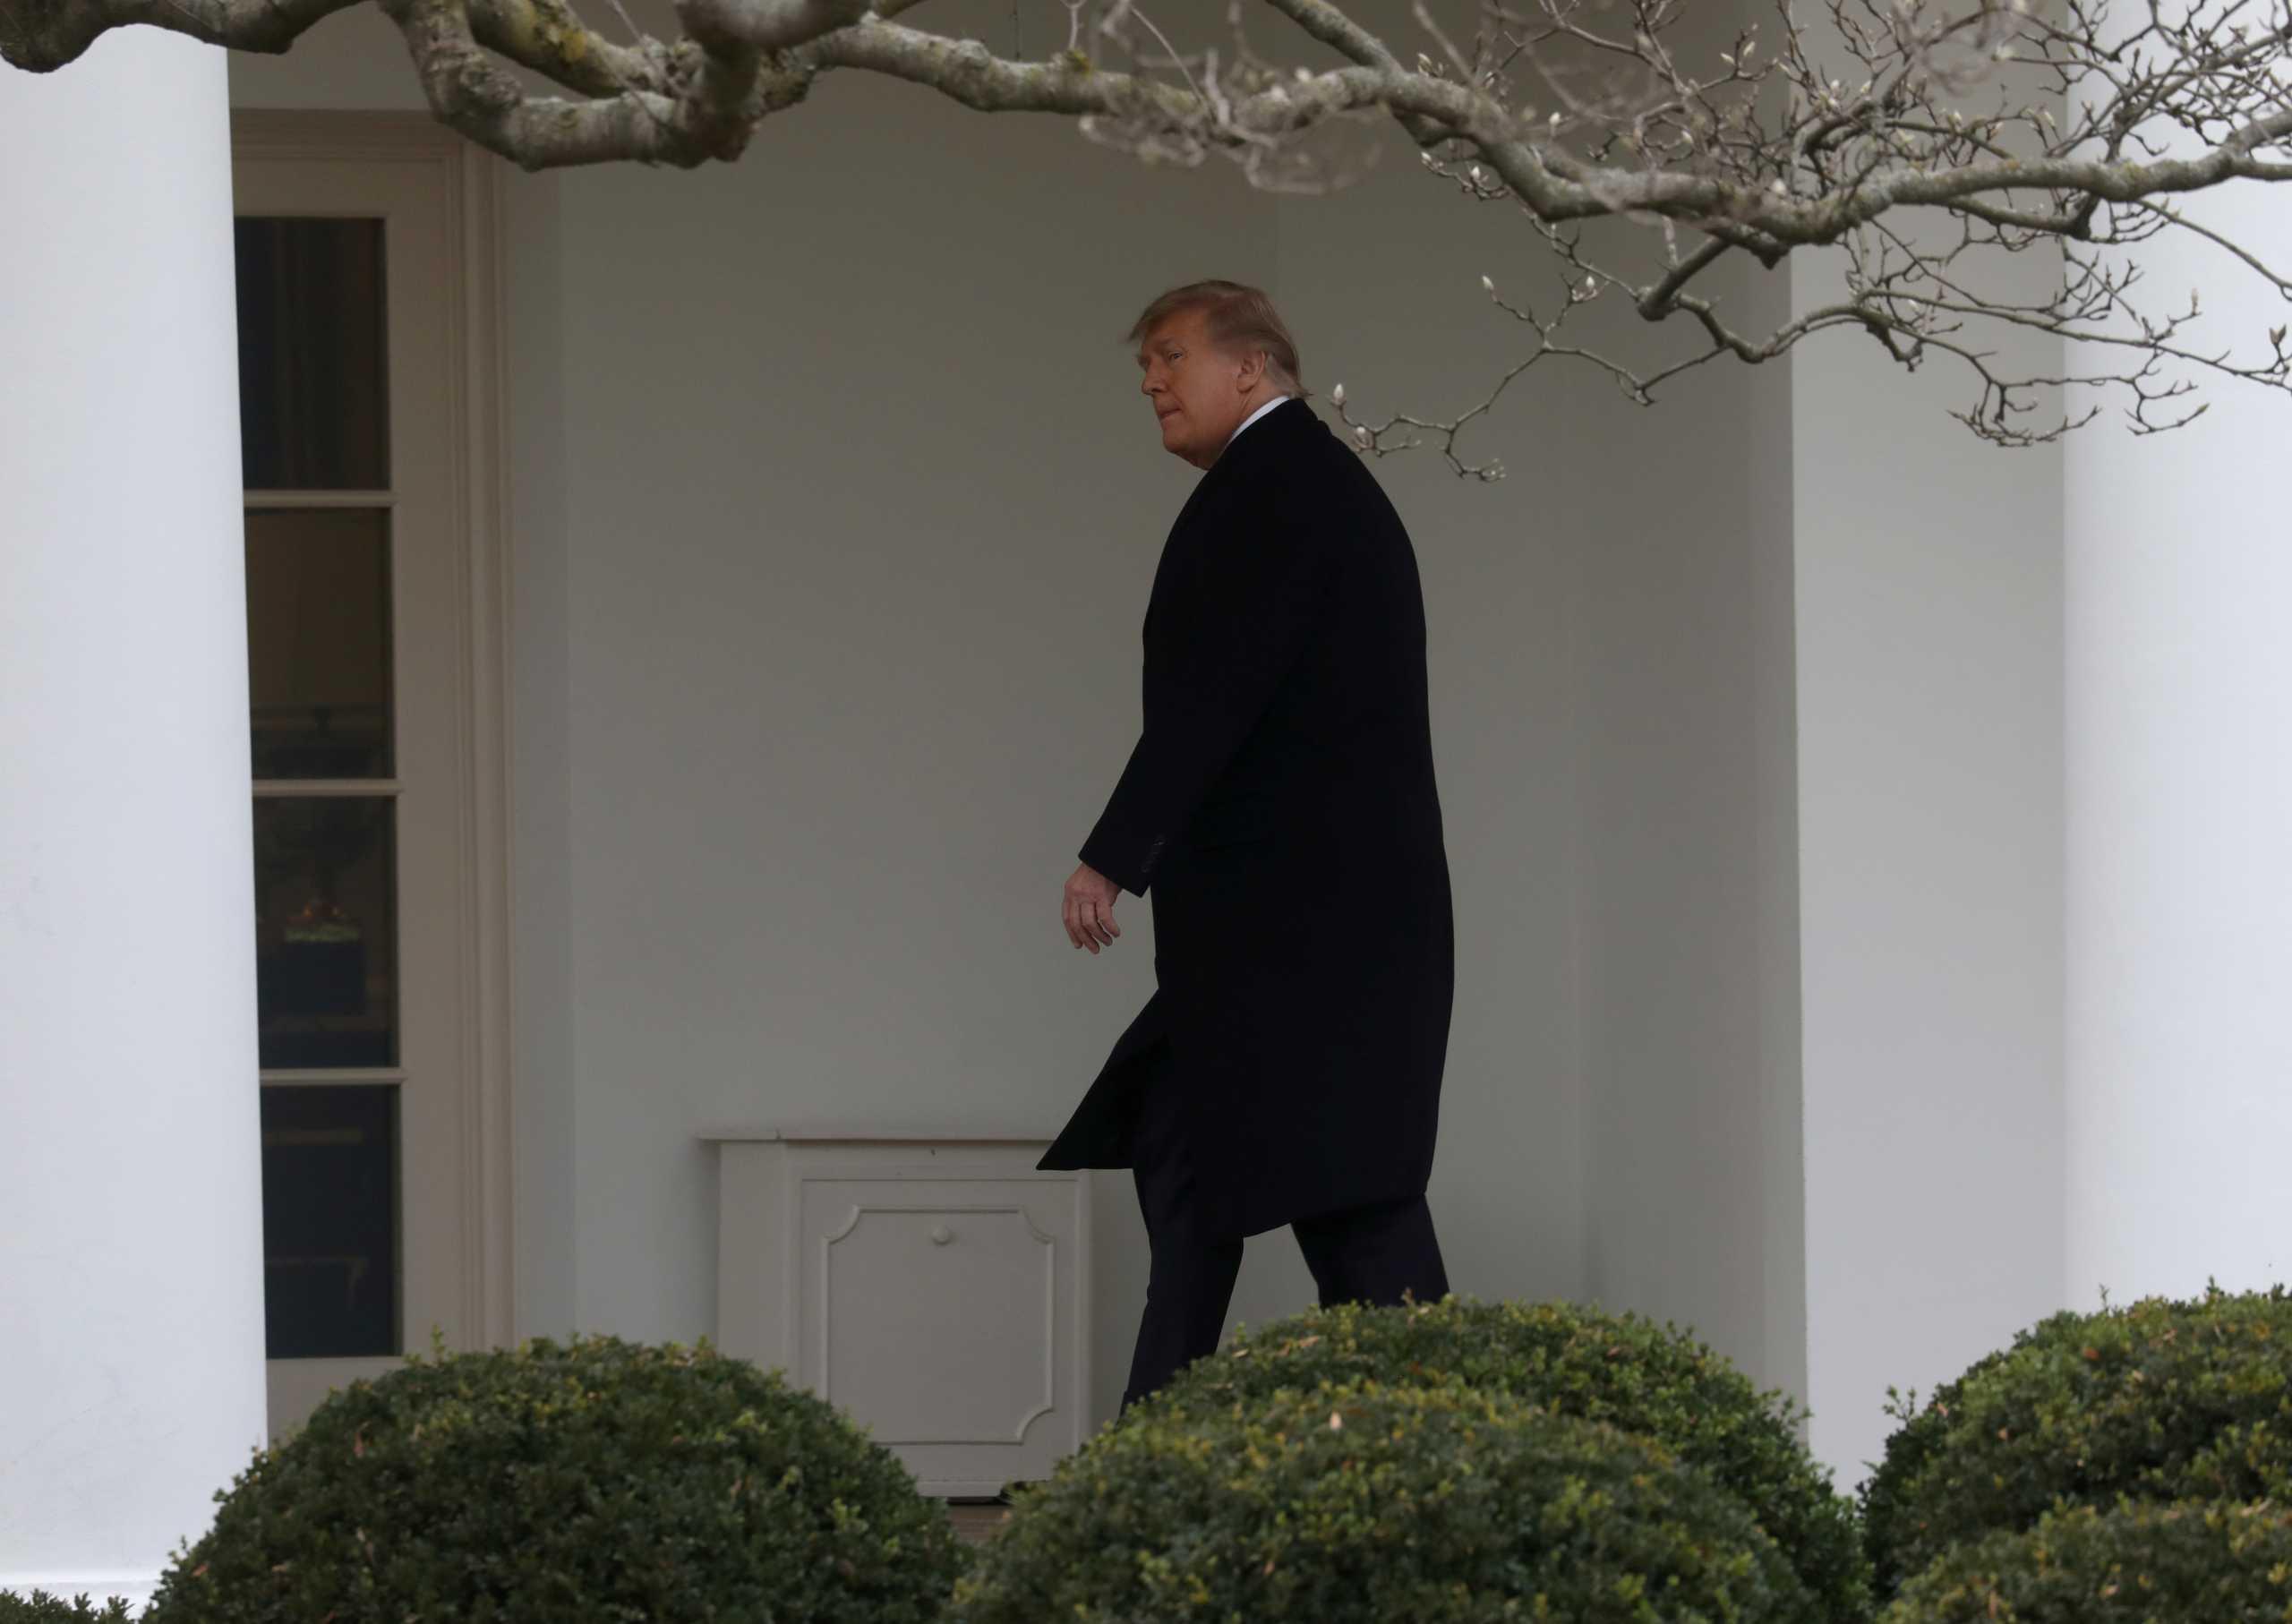 ΗΠΑ: Ερευνώνται αξιωματούχοι για αλλοίωση του αποτελέσματος των προεδρικών εκλογών